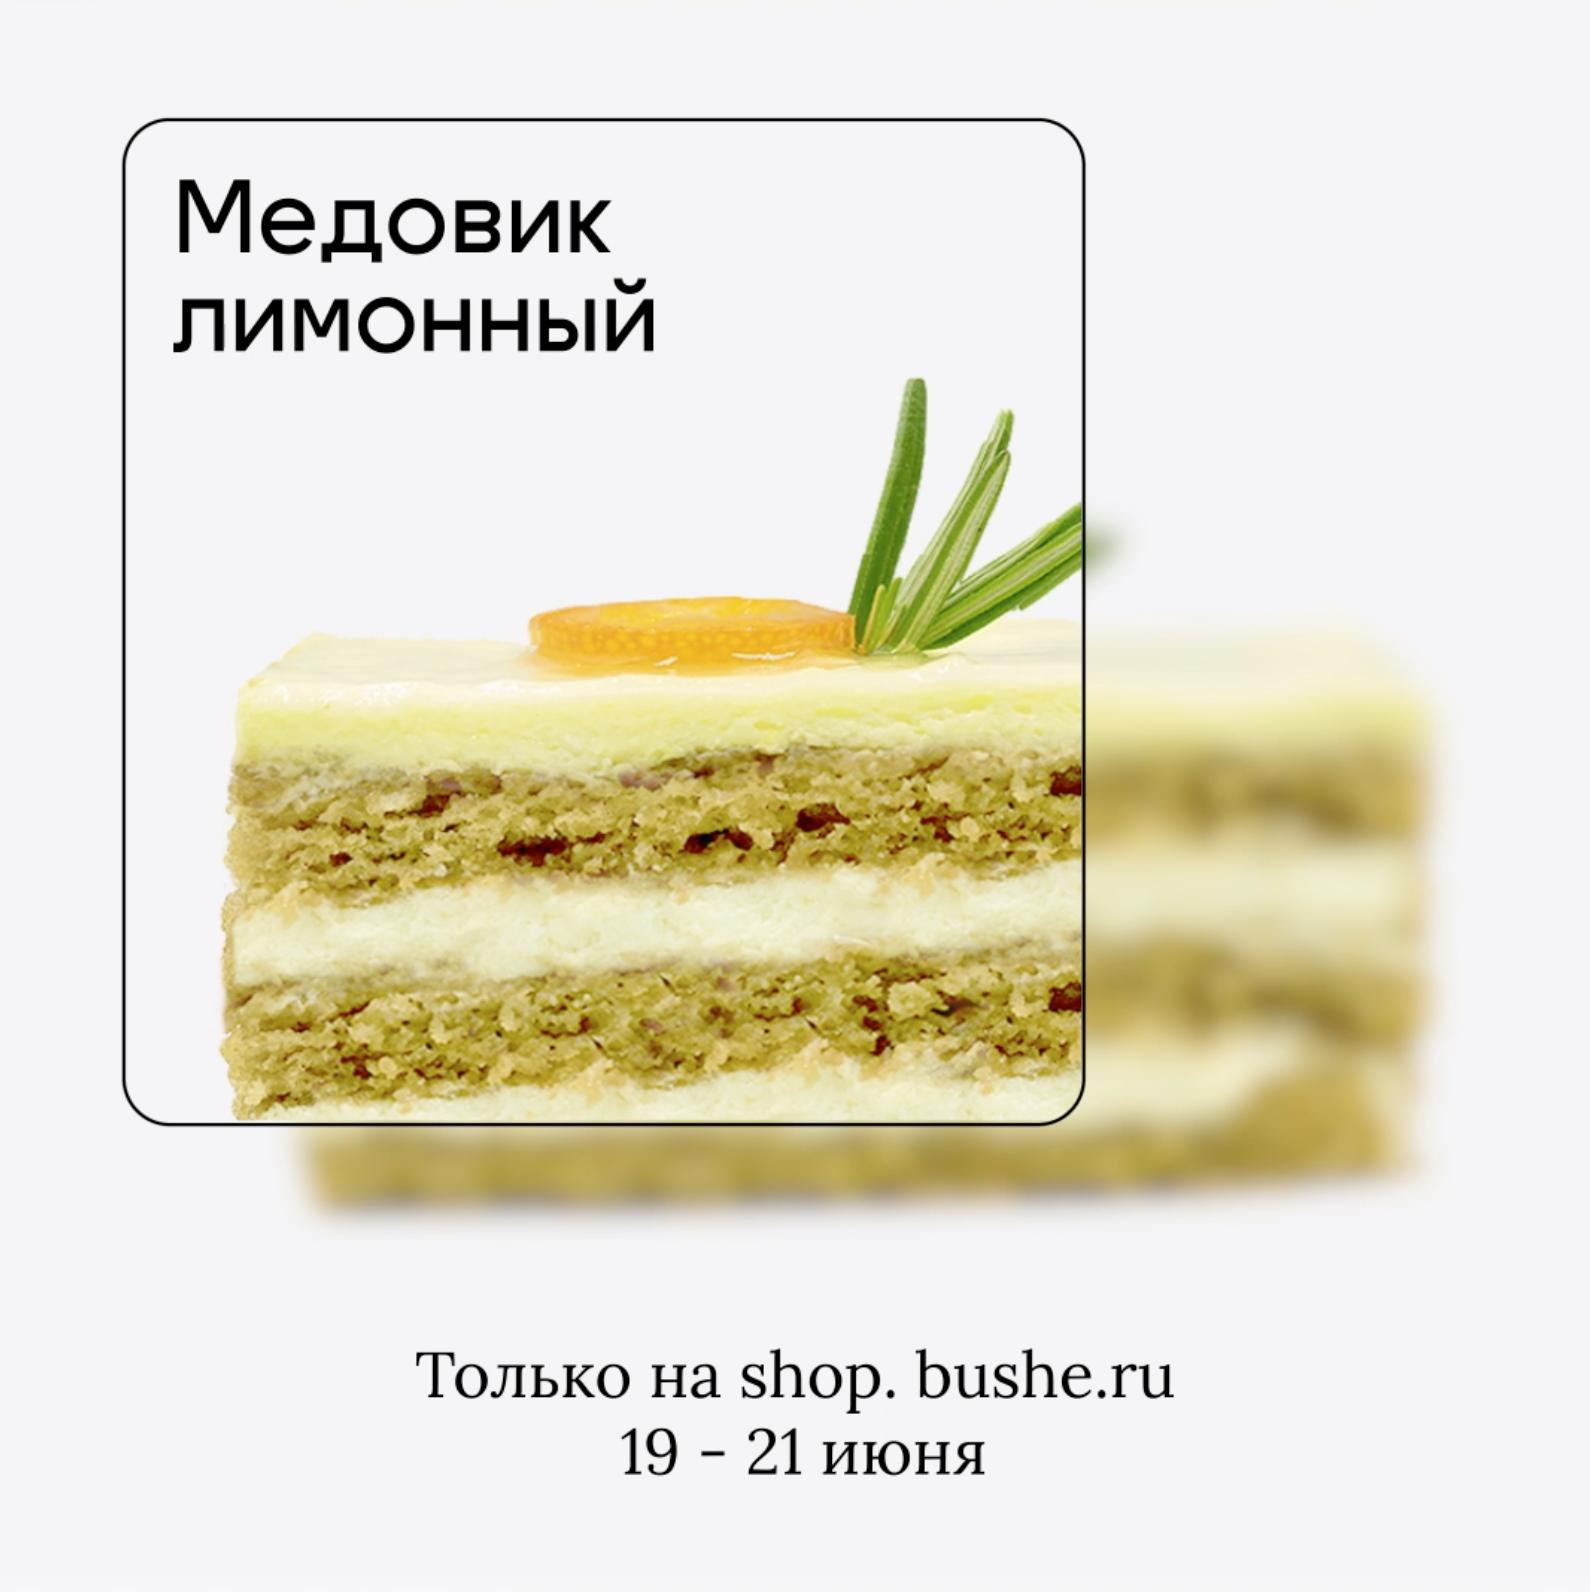 Лимитированная новинка — медовик лимонный! Только 19, 20 и 21 июня в доставке.